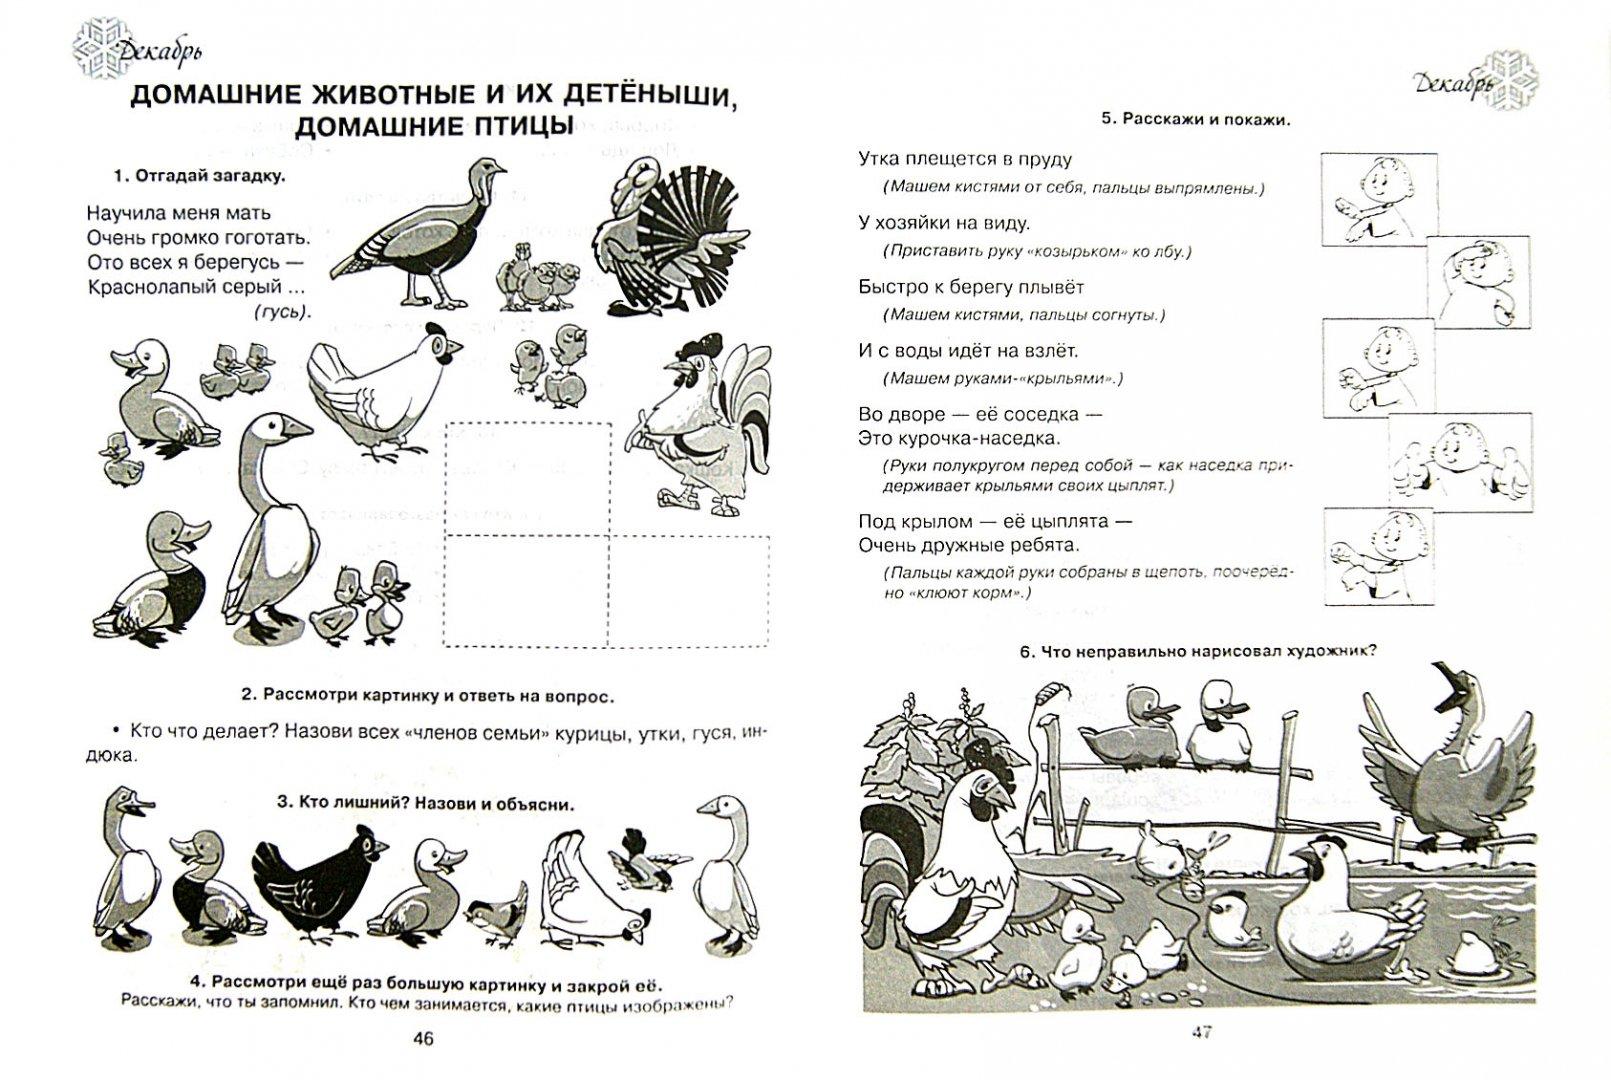 Иллюстрация 1 из 5 для Альбом для развития интеллекта для детей 5 лет - Ольга Крупенчук | Лабиринт - книги. Источник: Лабиринт